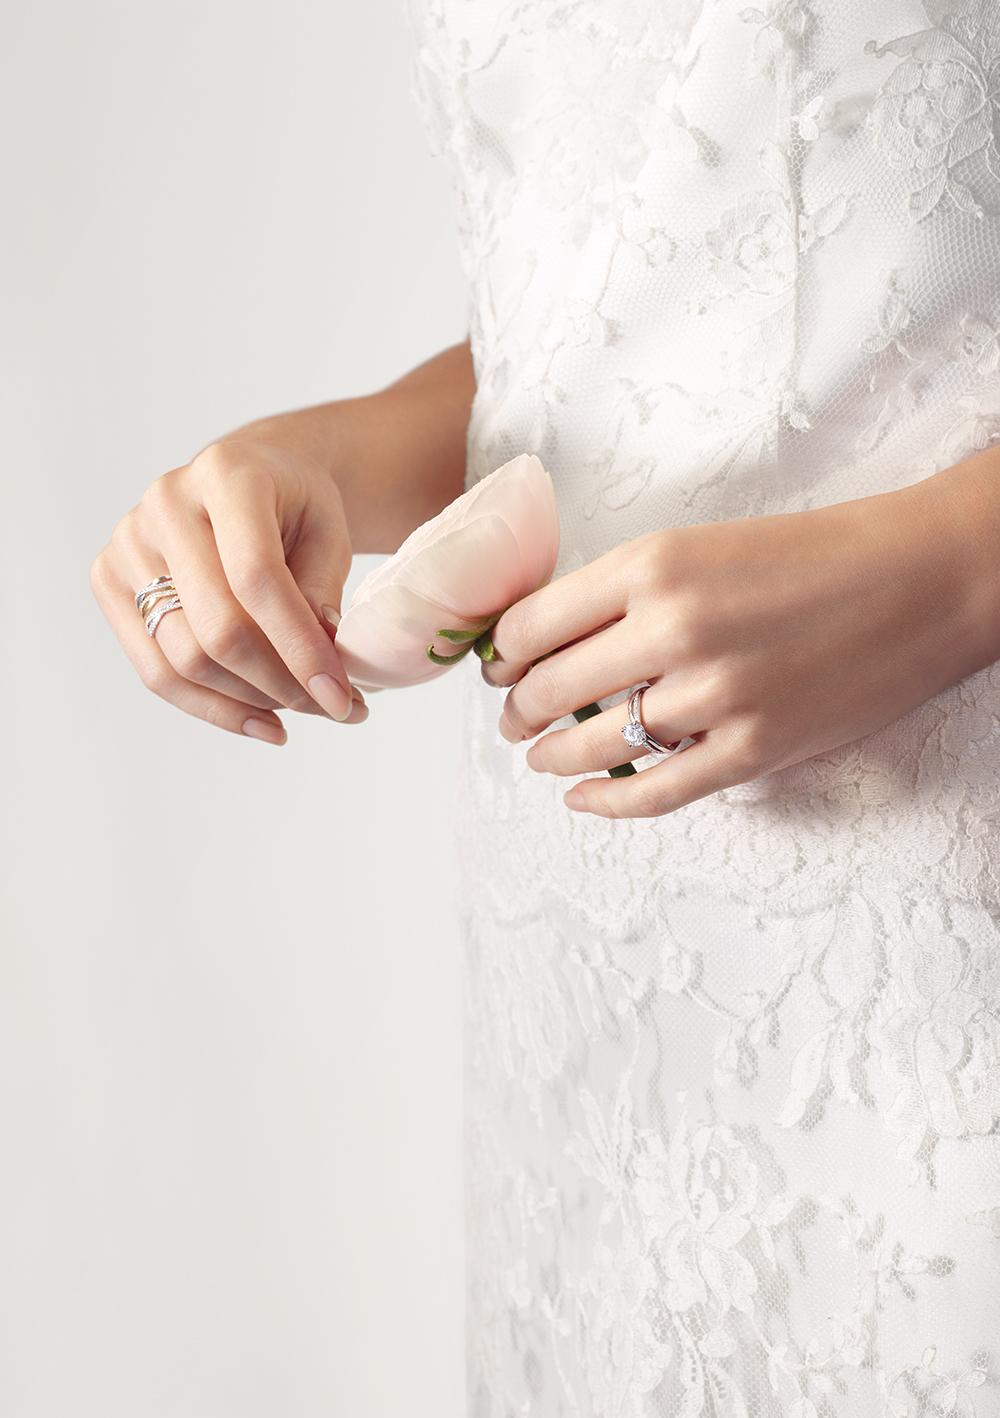 De Beers Bridal Full image Vertical 3_1600x1128.jpg